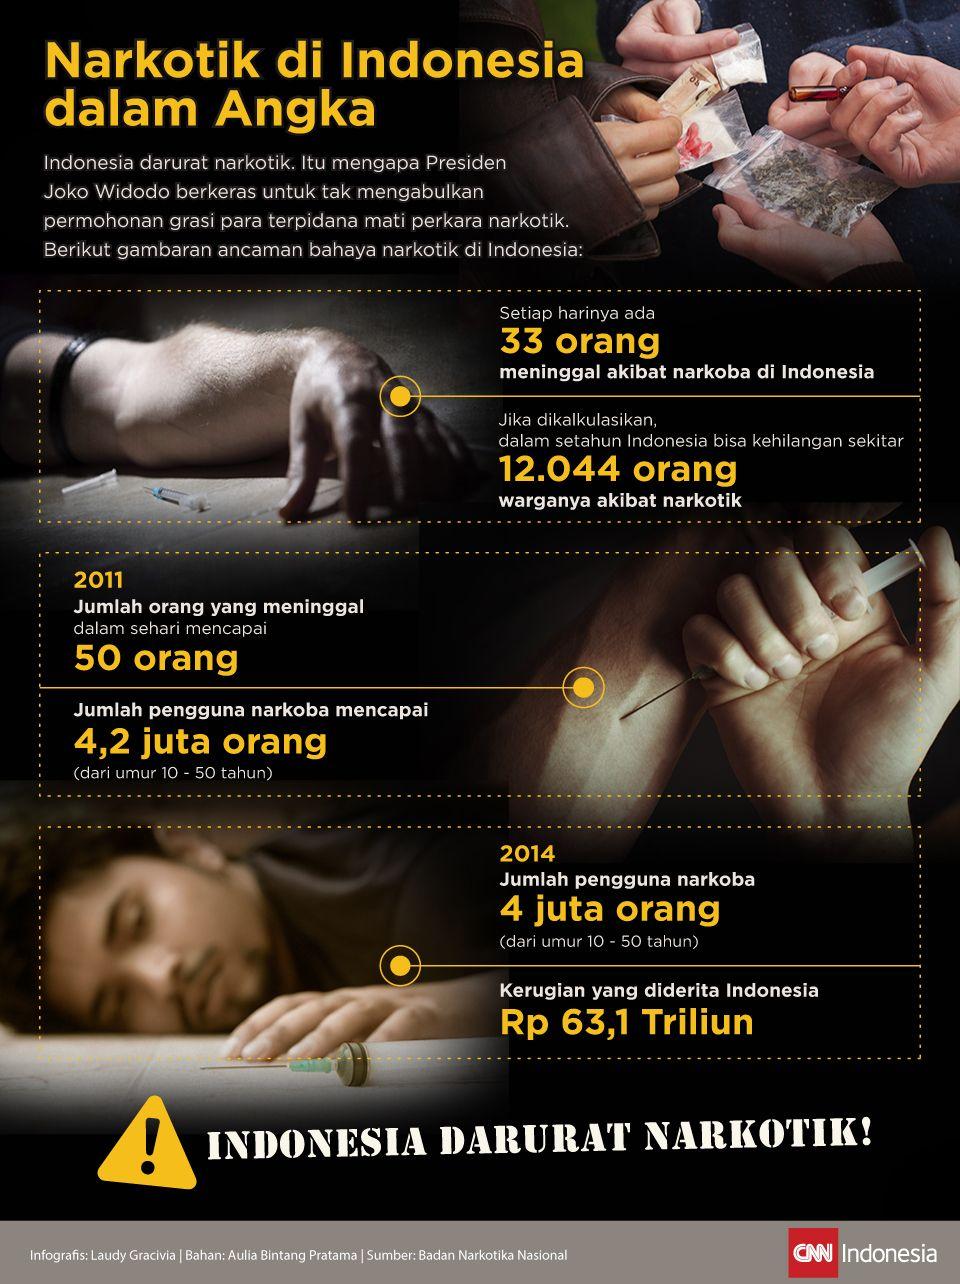 Infografis Narkotik di Indonesia dalam Angka